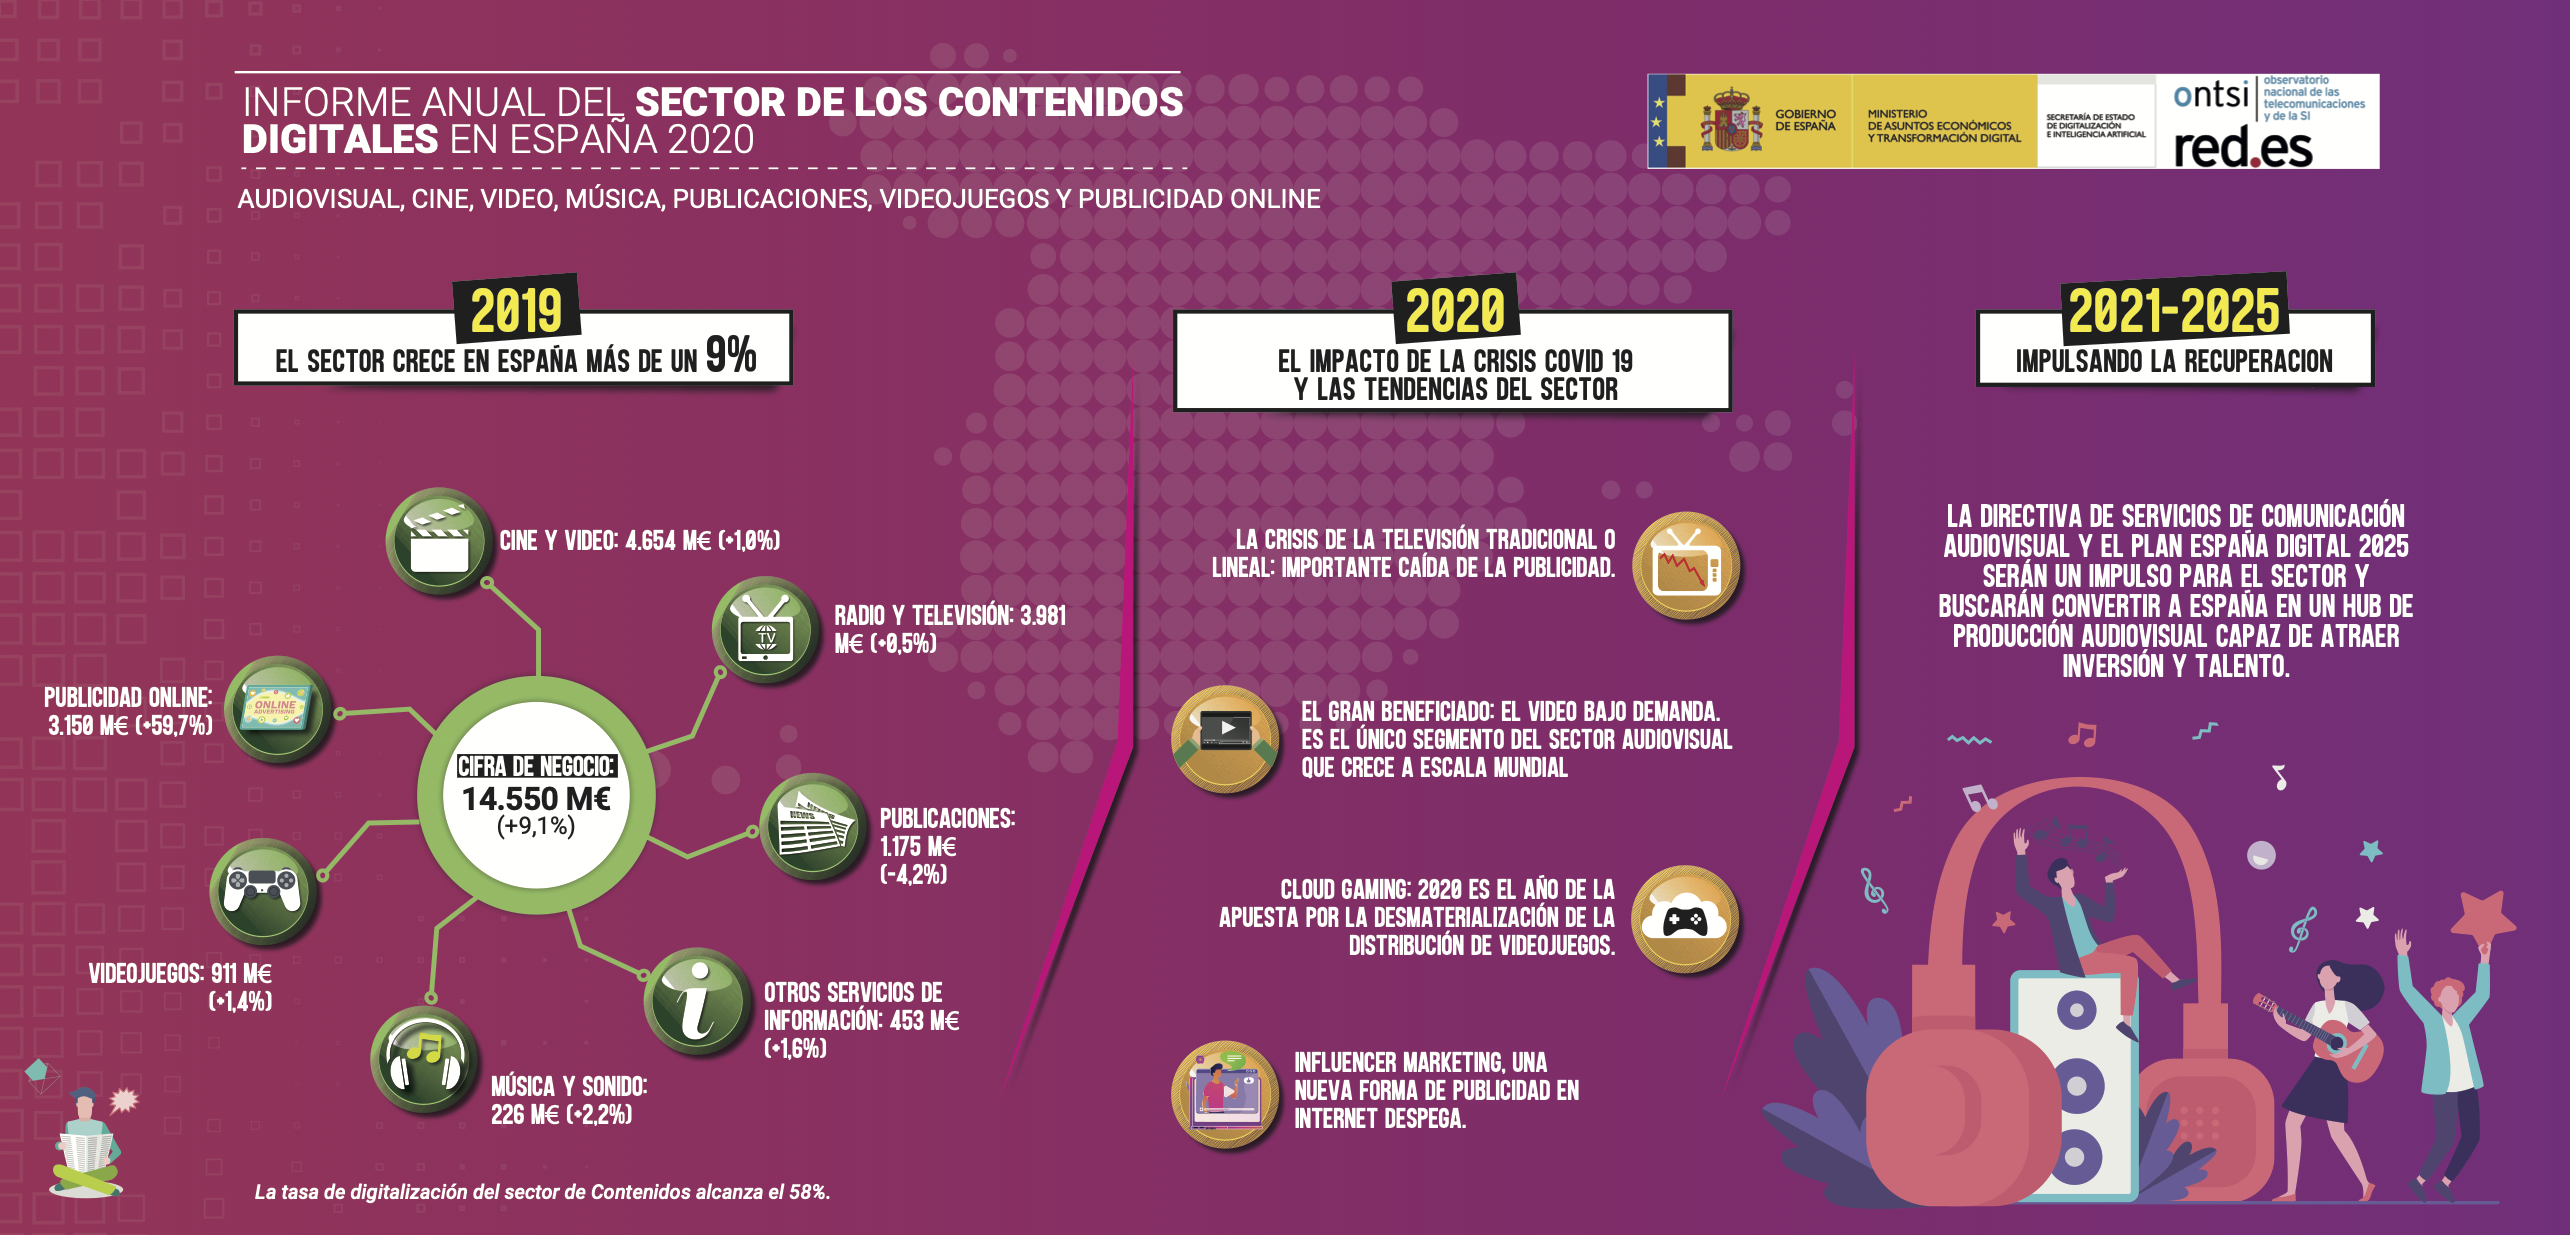 El Sector de los Contenidos Digitales en España 2020 #infografia #infographic #contenidos